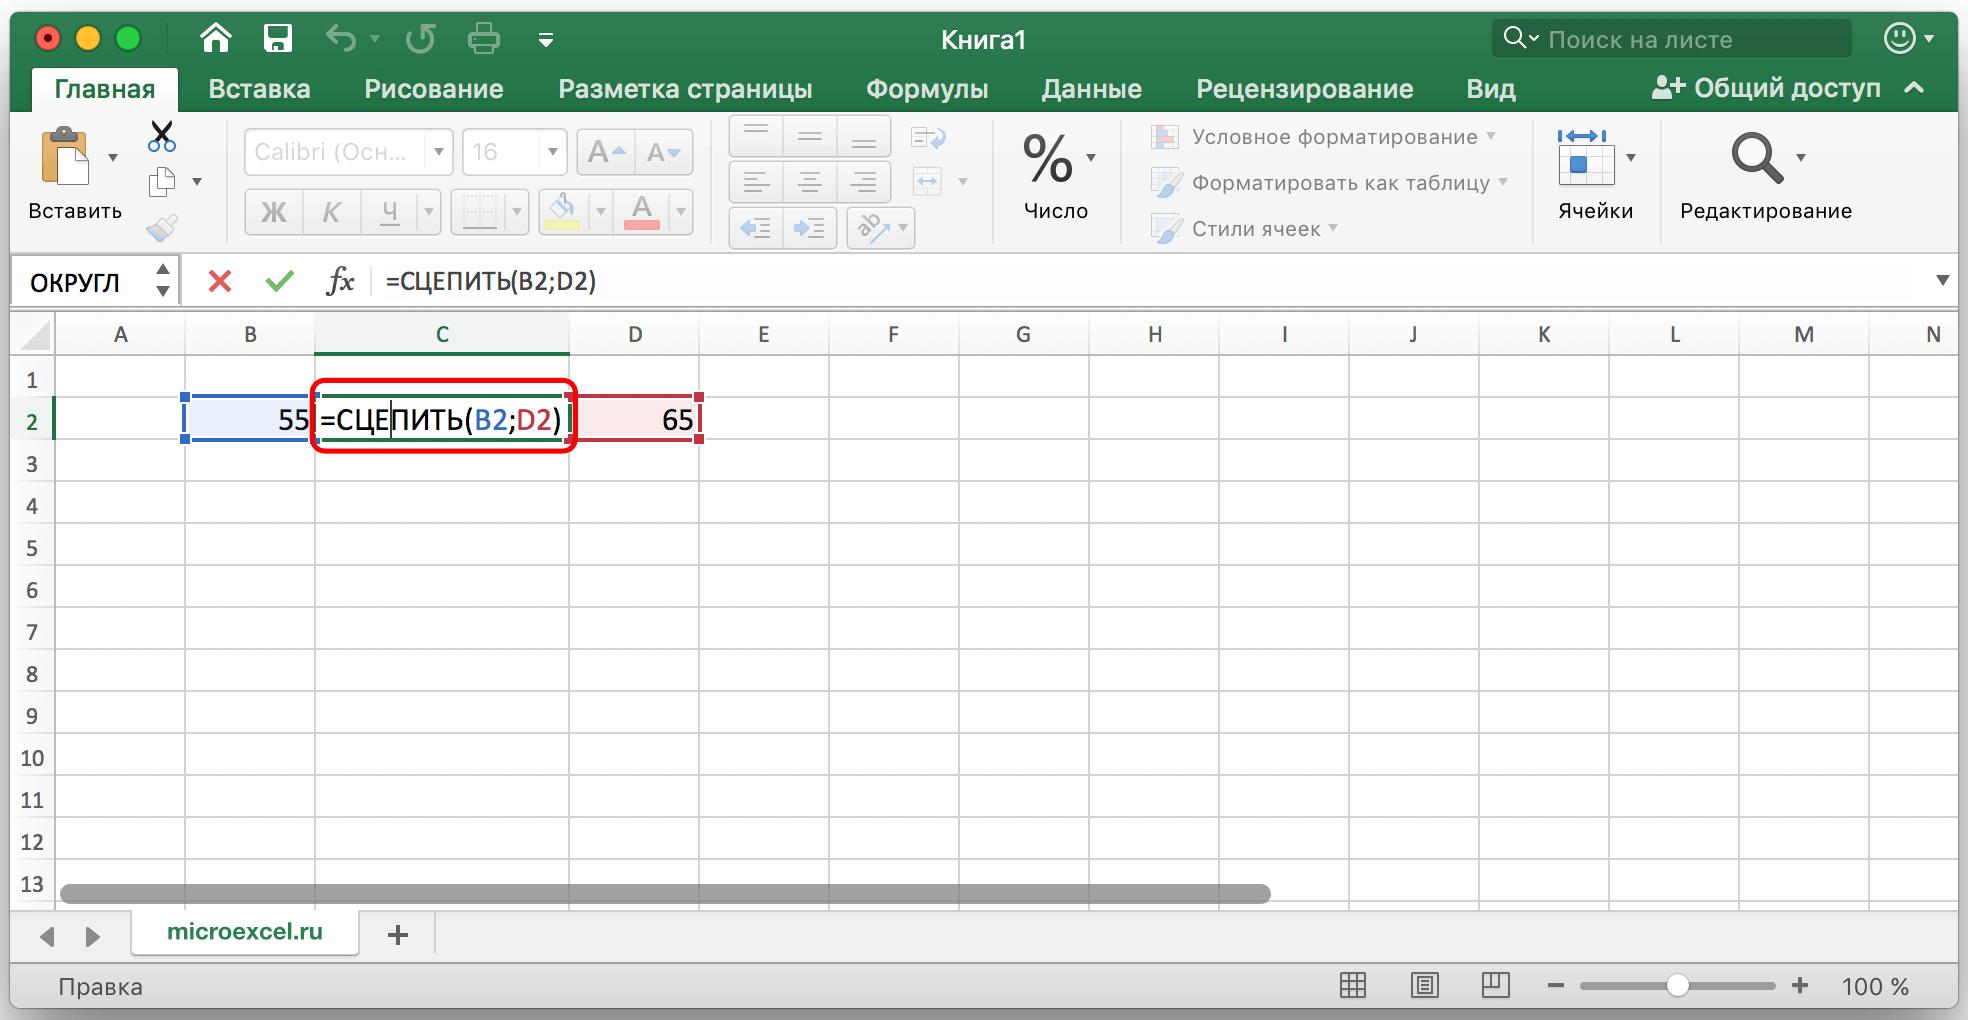 kak-obedinit-yachejki-v-tablice-excel-cherez-kontekstnoe-menyu-i-bez-poteri-dannyh